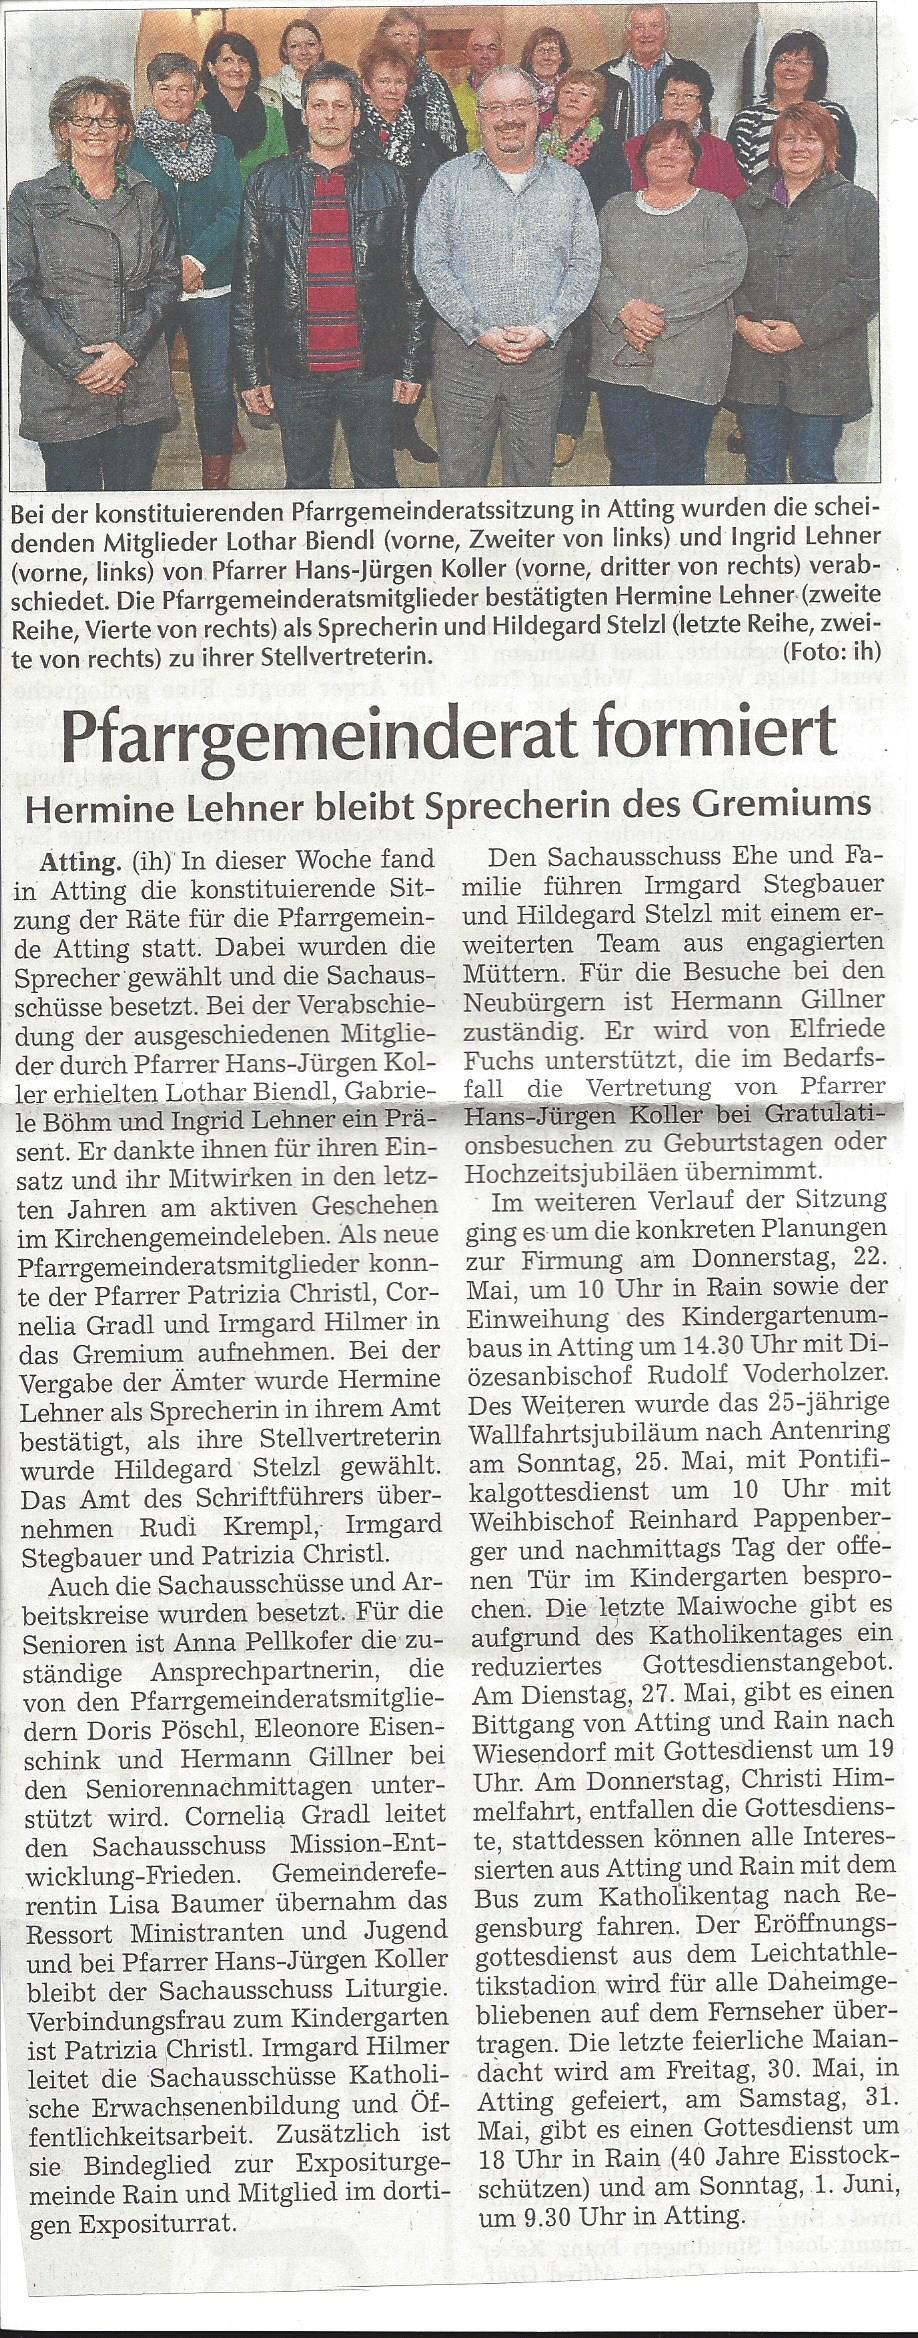 presseartikel_pfarrgemeinderat_hat_sich_formiert